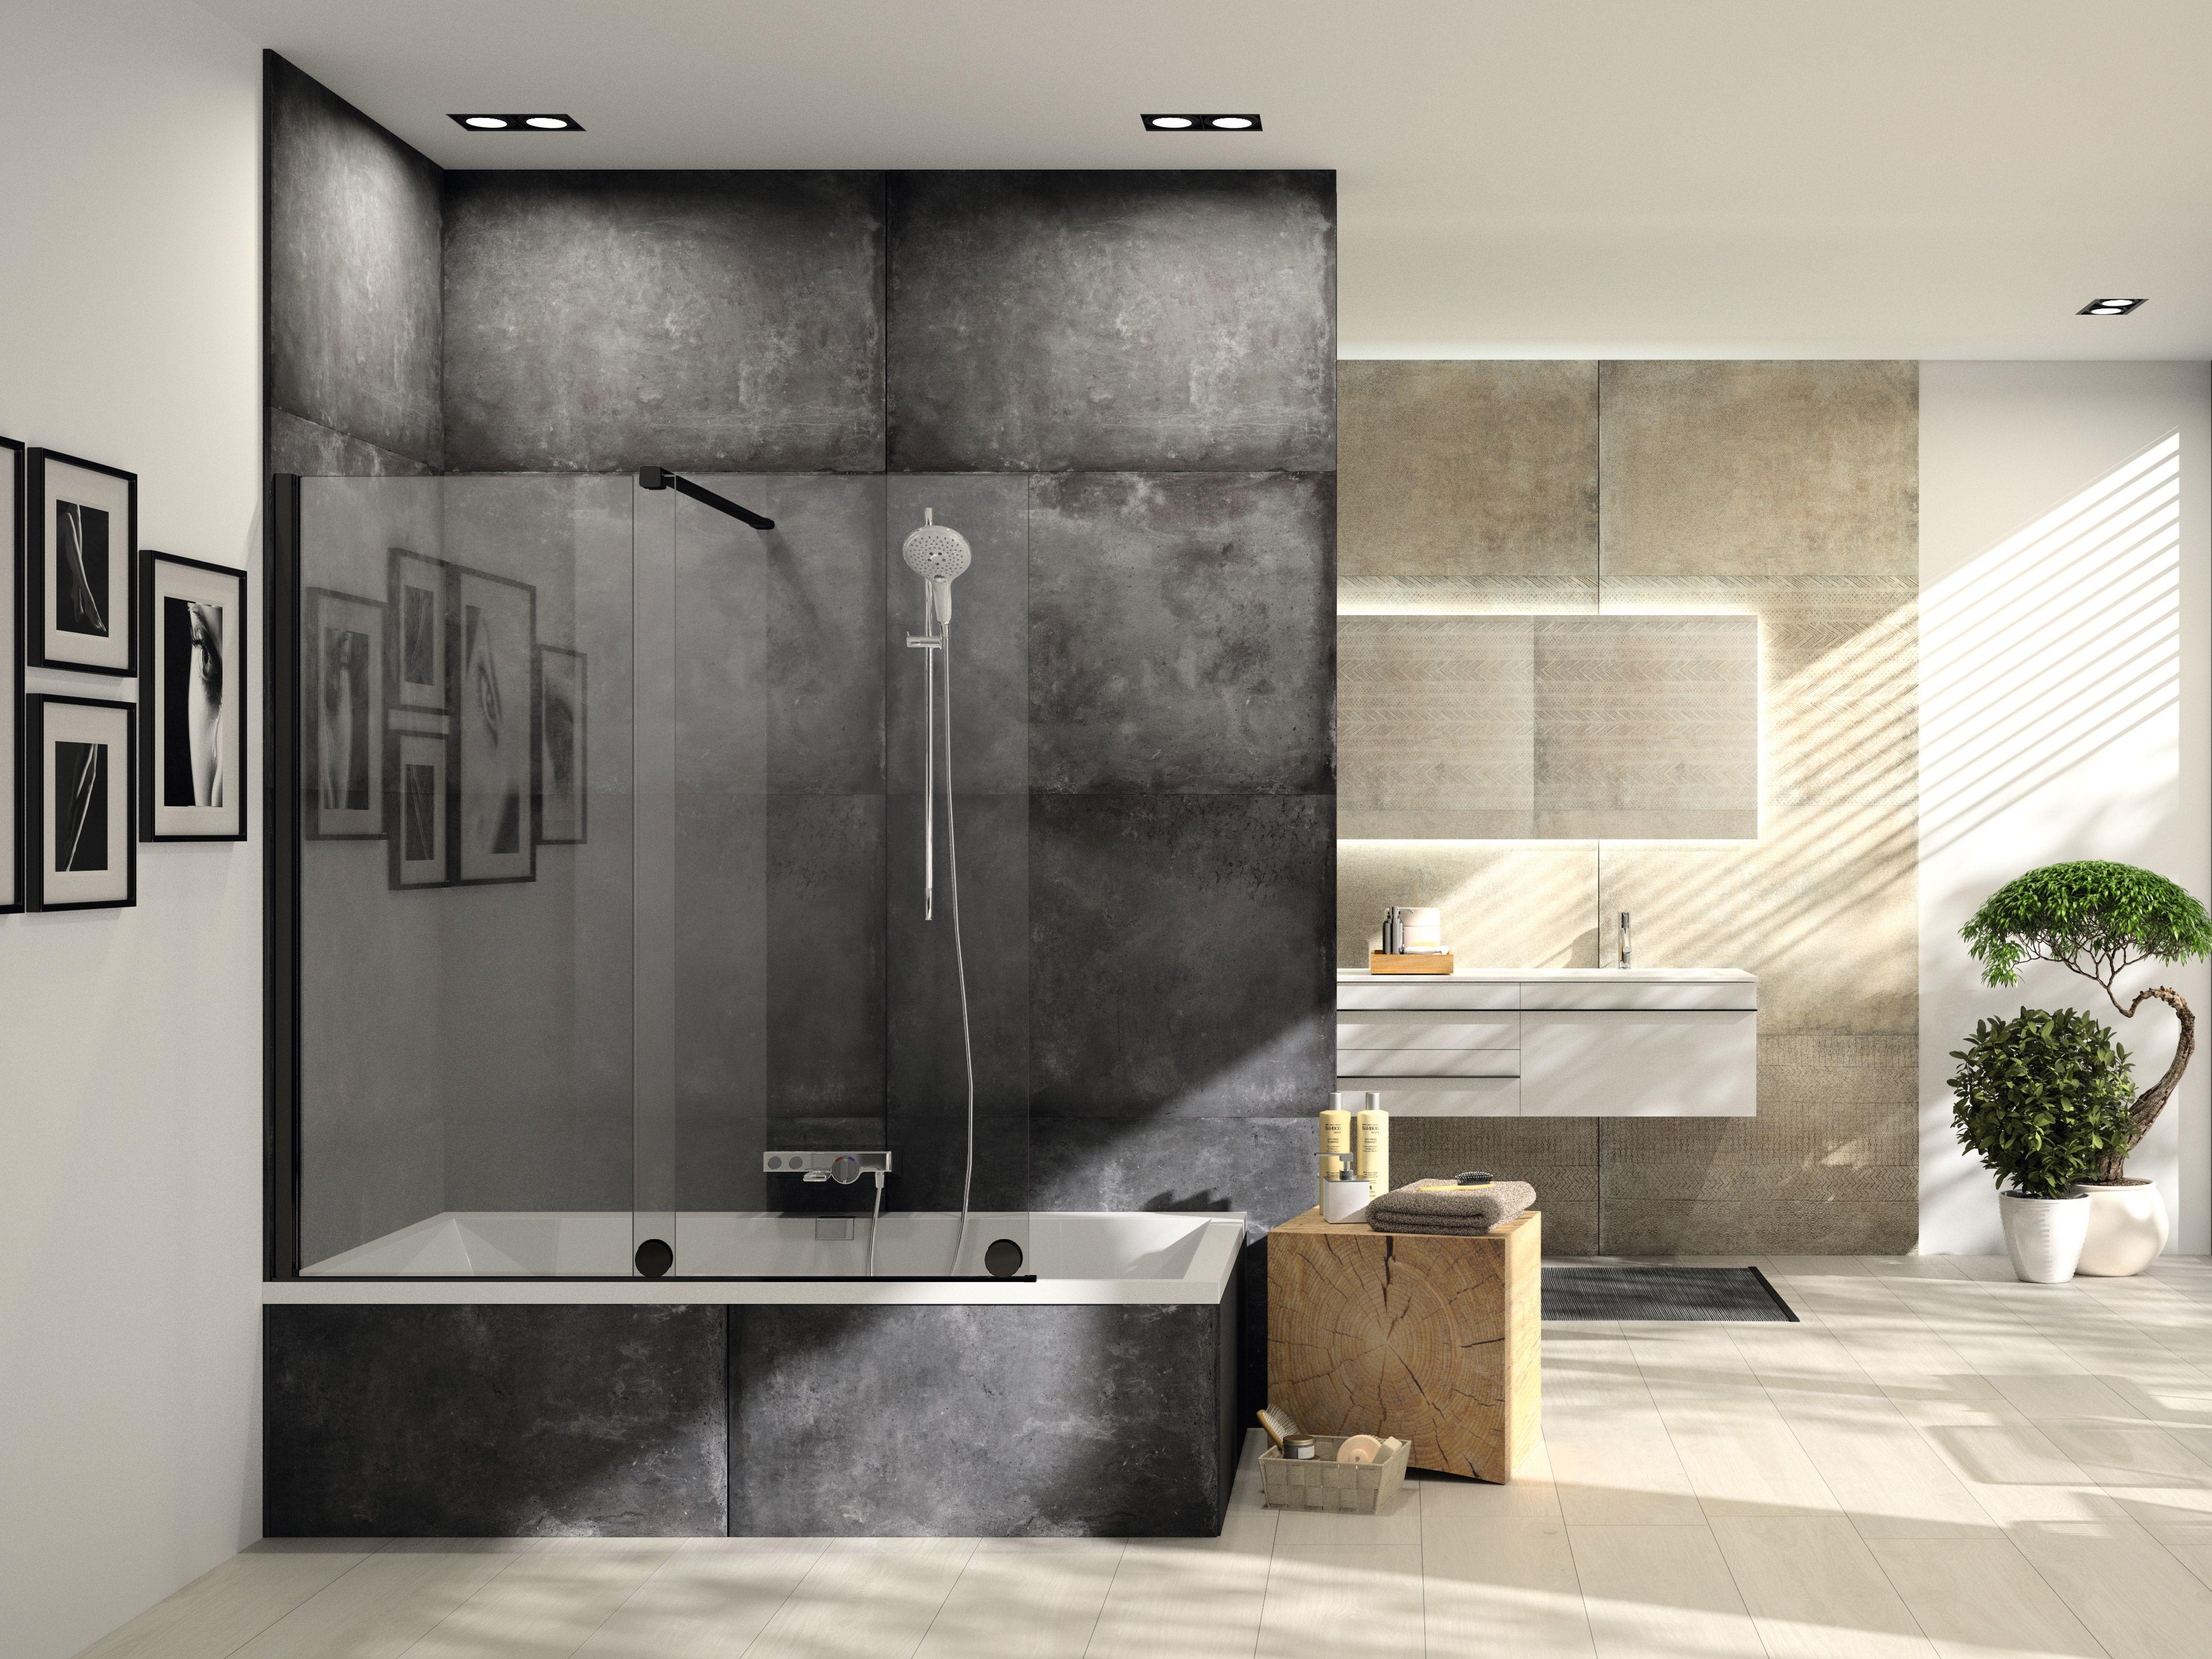 Duschen und Baden auf höchstem Niveau Mit der